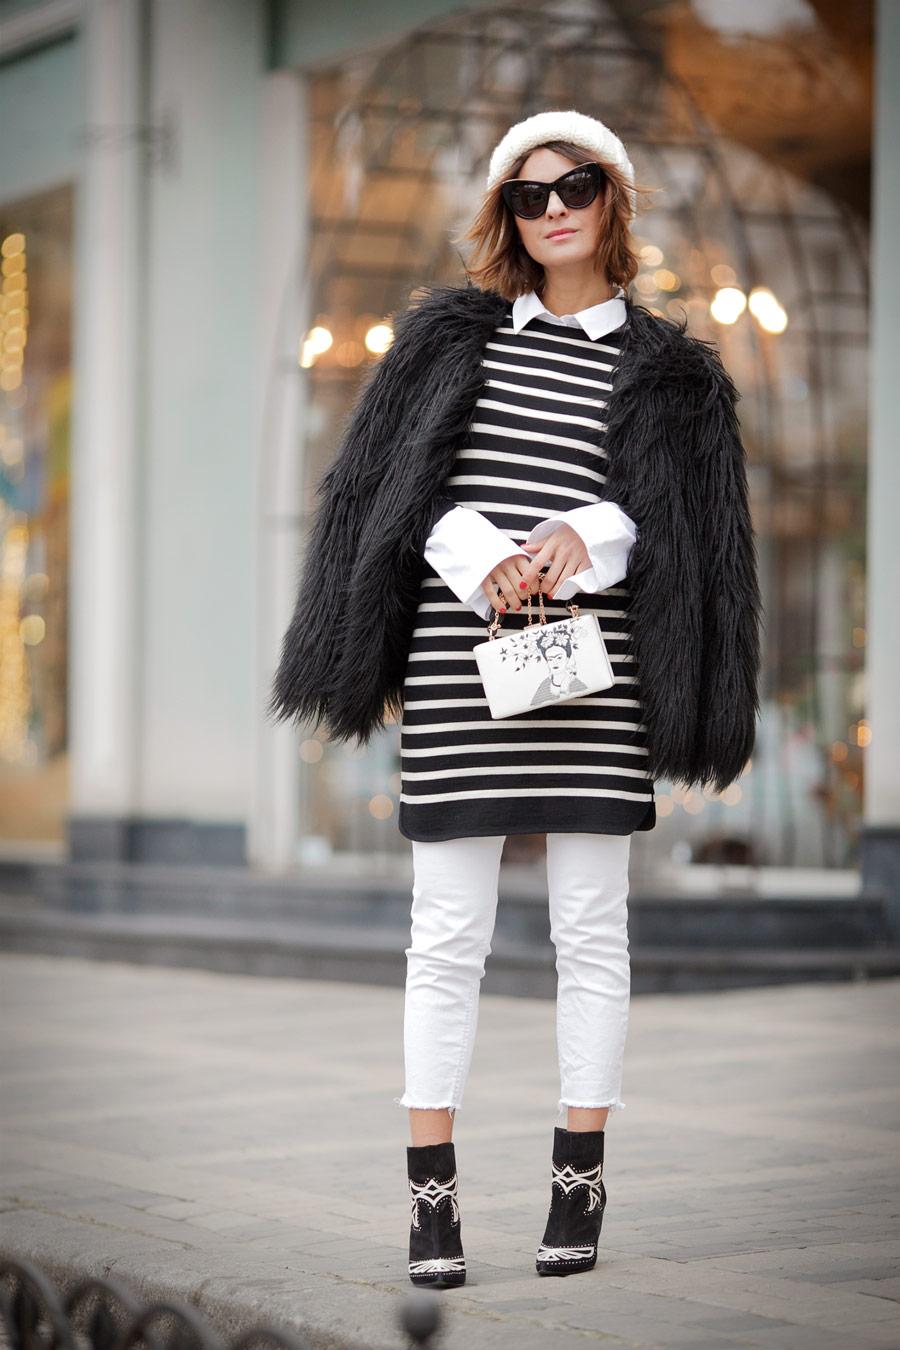 искусственный мех, шуба из искусственного меха, как одеться тепло и стильно, полосатый свитер, Елена Галант, лук на холодную погоду,